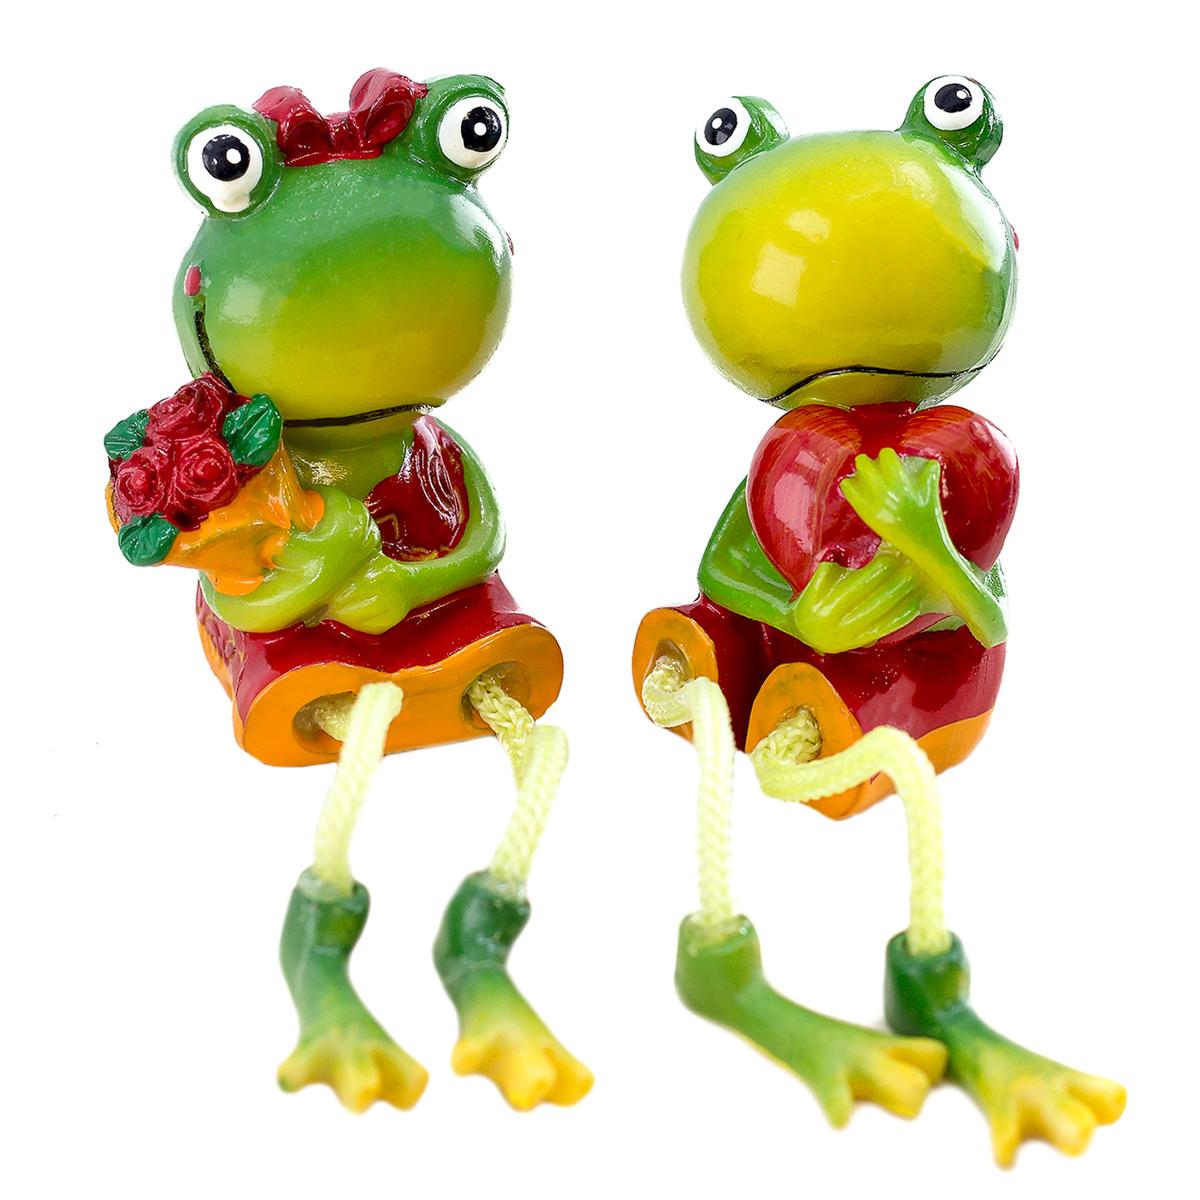 art decor Frosch Kantenhocker 2er Set Frosch Liebespaar mit Blume und Herz Froschfigur Froschdekoration 1421 1 5 7p